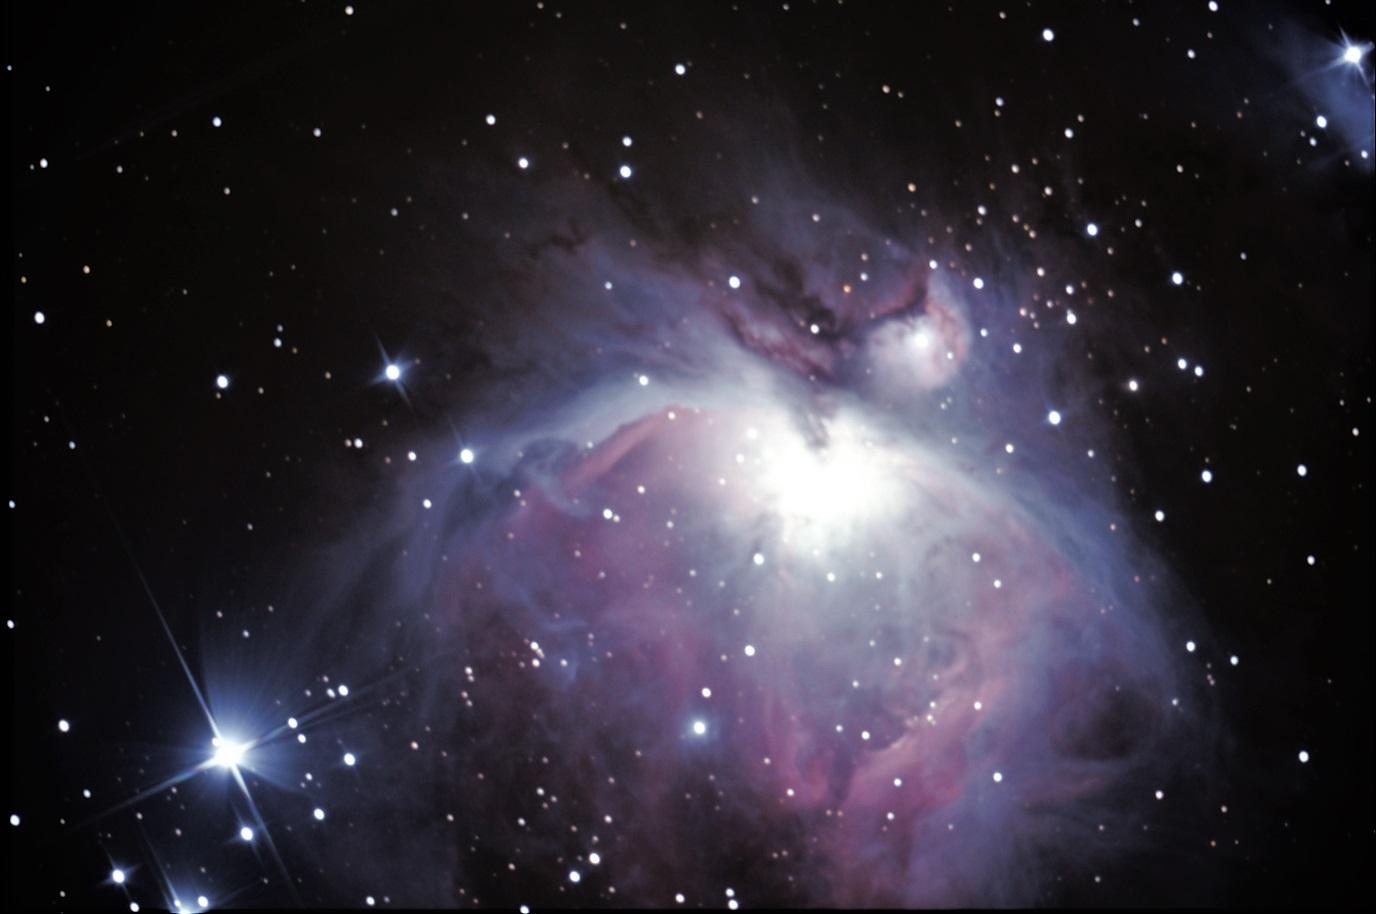 Nébuleuse M42 (Orion) - Stéphane PICQUETTE -  -Newton 200/1000 - monture NEQ5